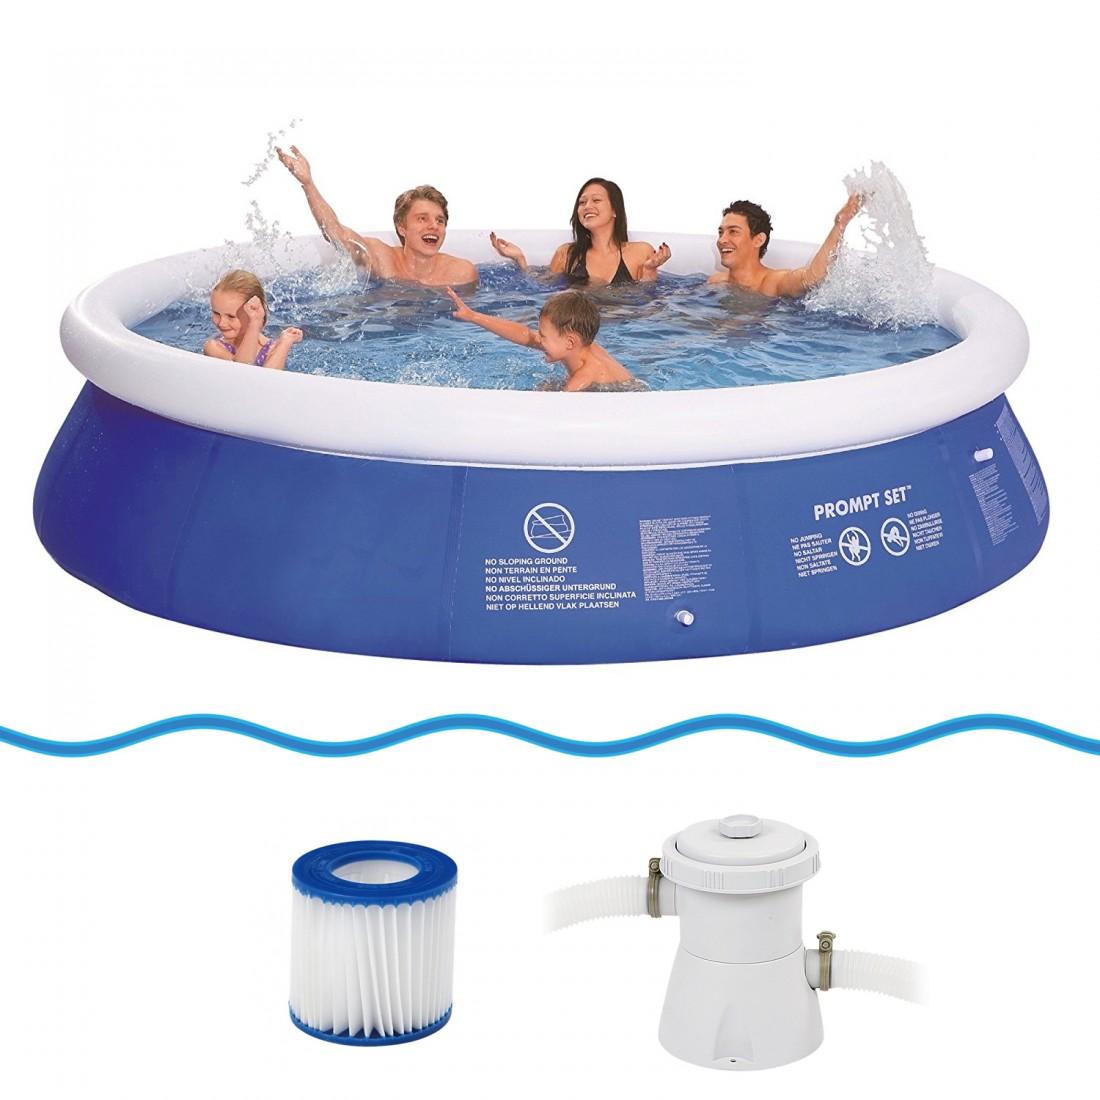 buy jilong prompt set pool marin blue 360 set quick up. Black Bedroom Furniture Sets. Home Design Ideas